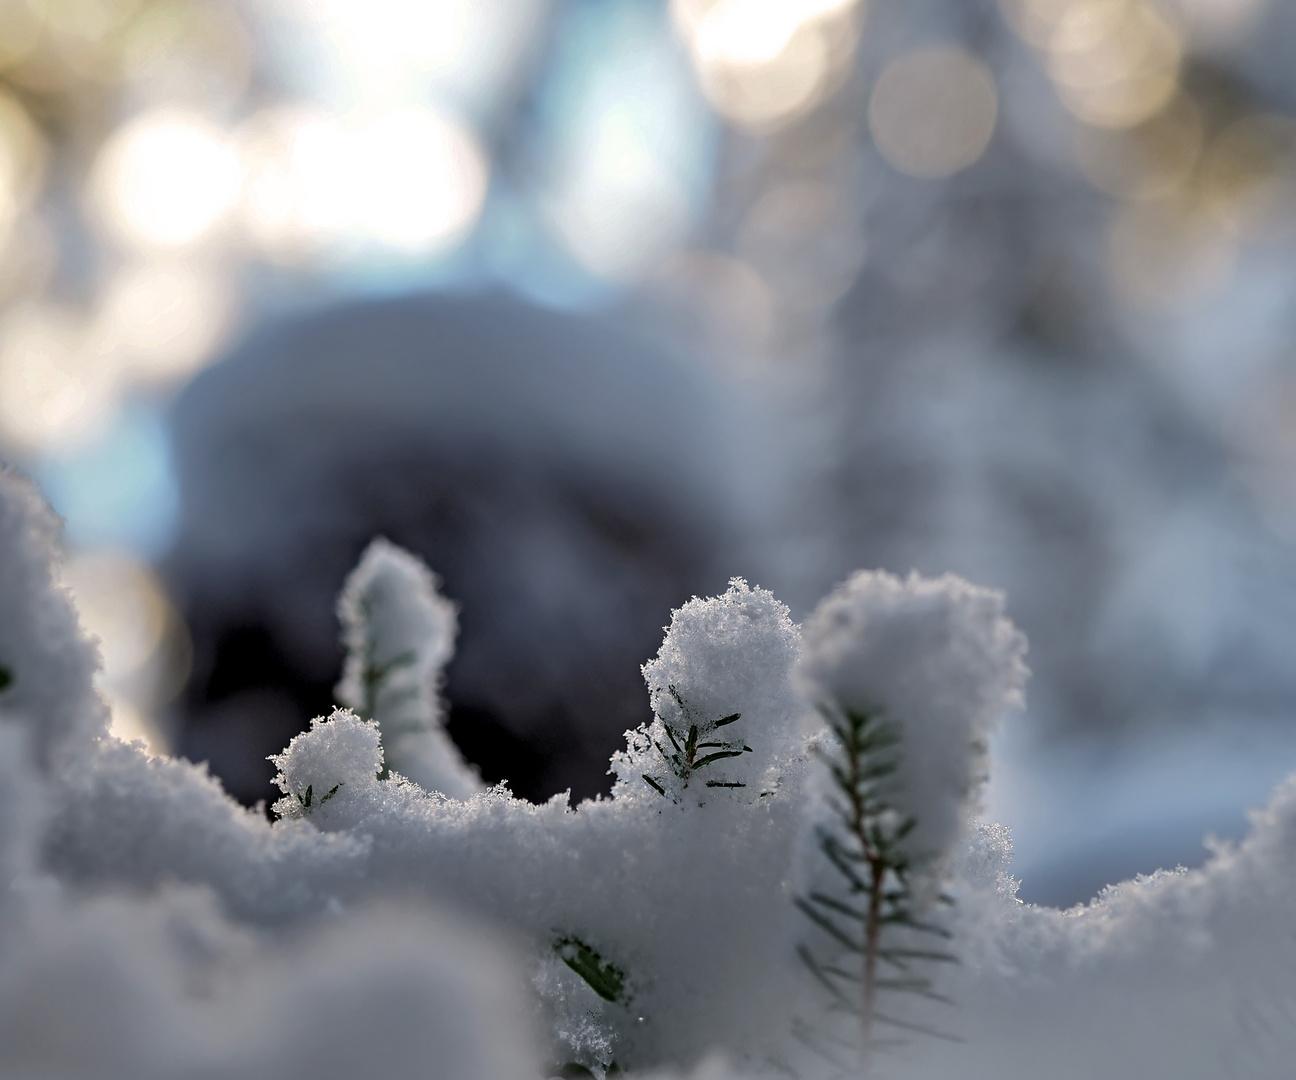 Jeder Moment des Glücks ist ein Geschenk! - Réjouissons-nous de chaque moment lumineux et heureux!